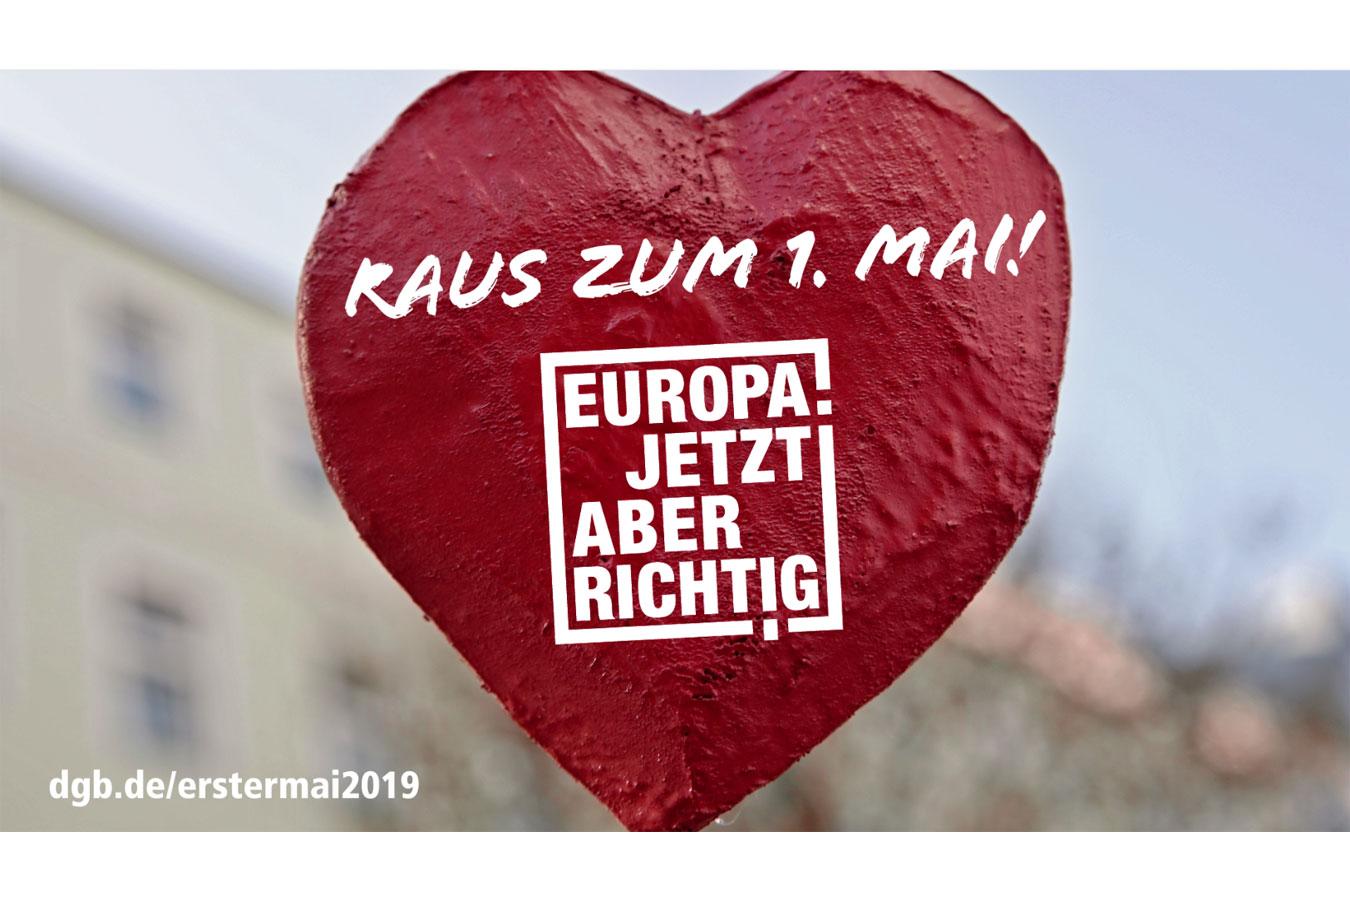 Europa - Jetzt aber richtig